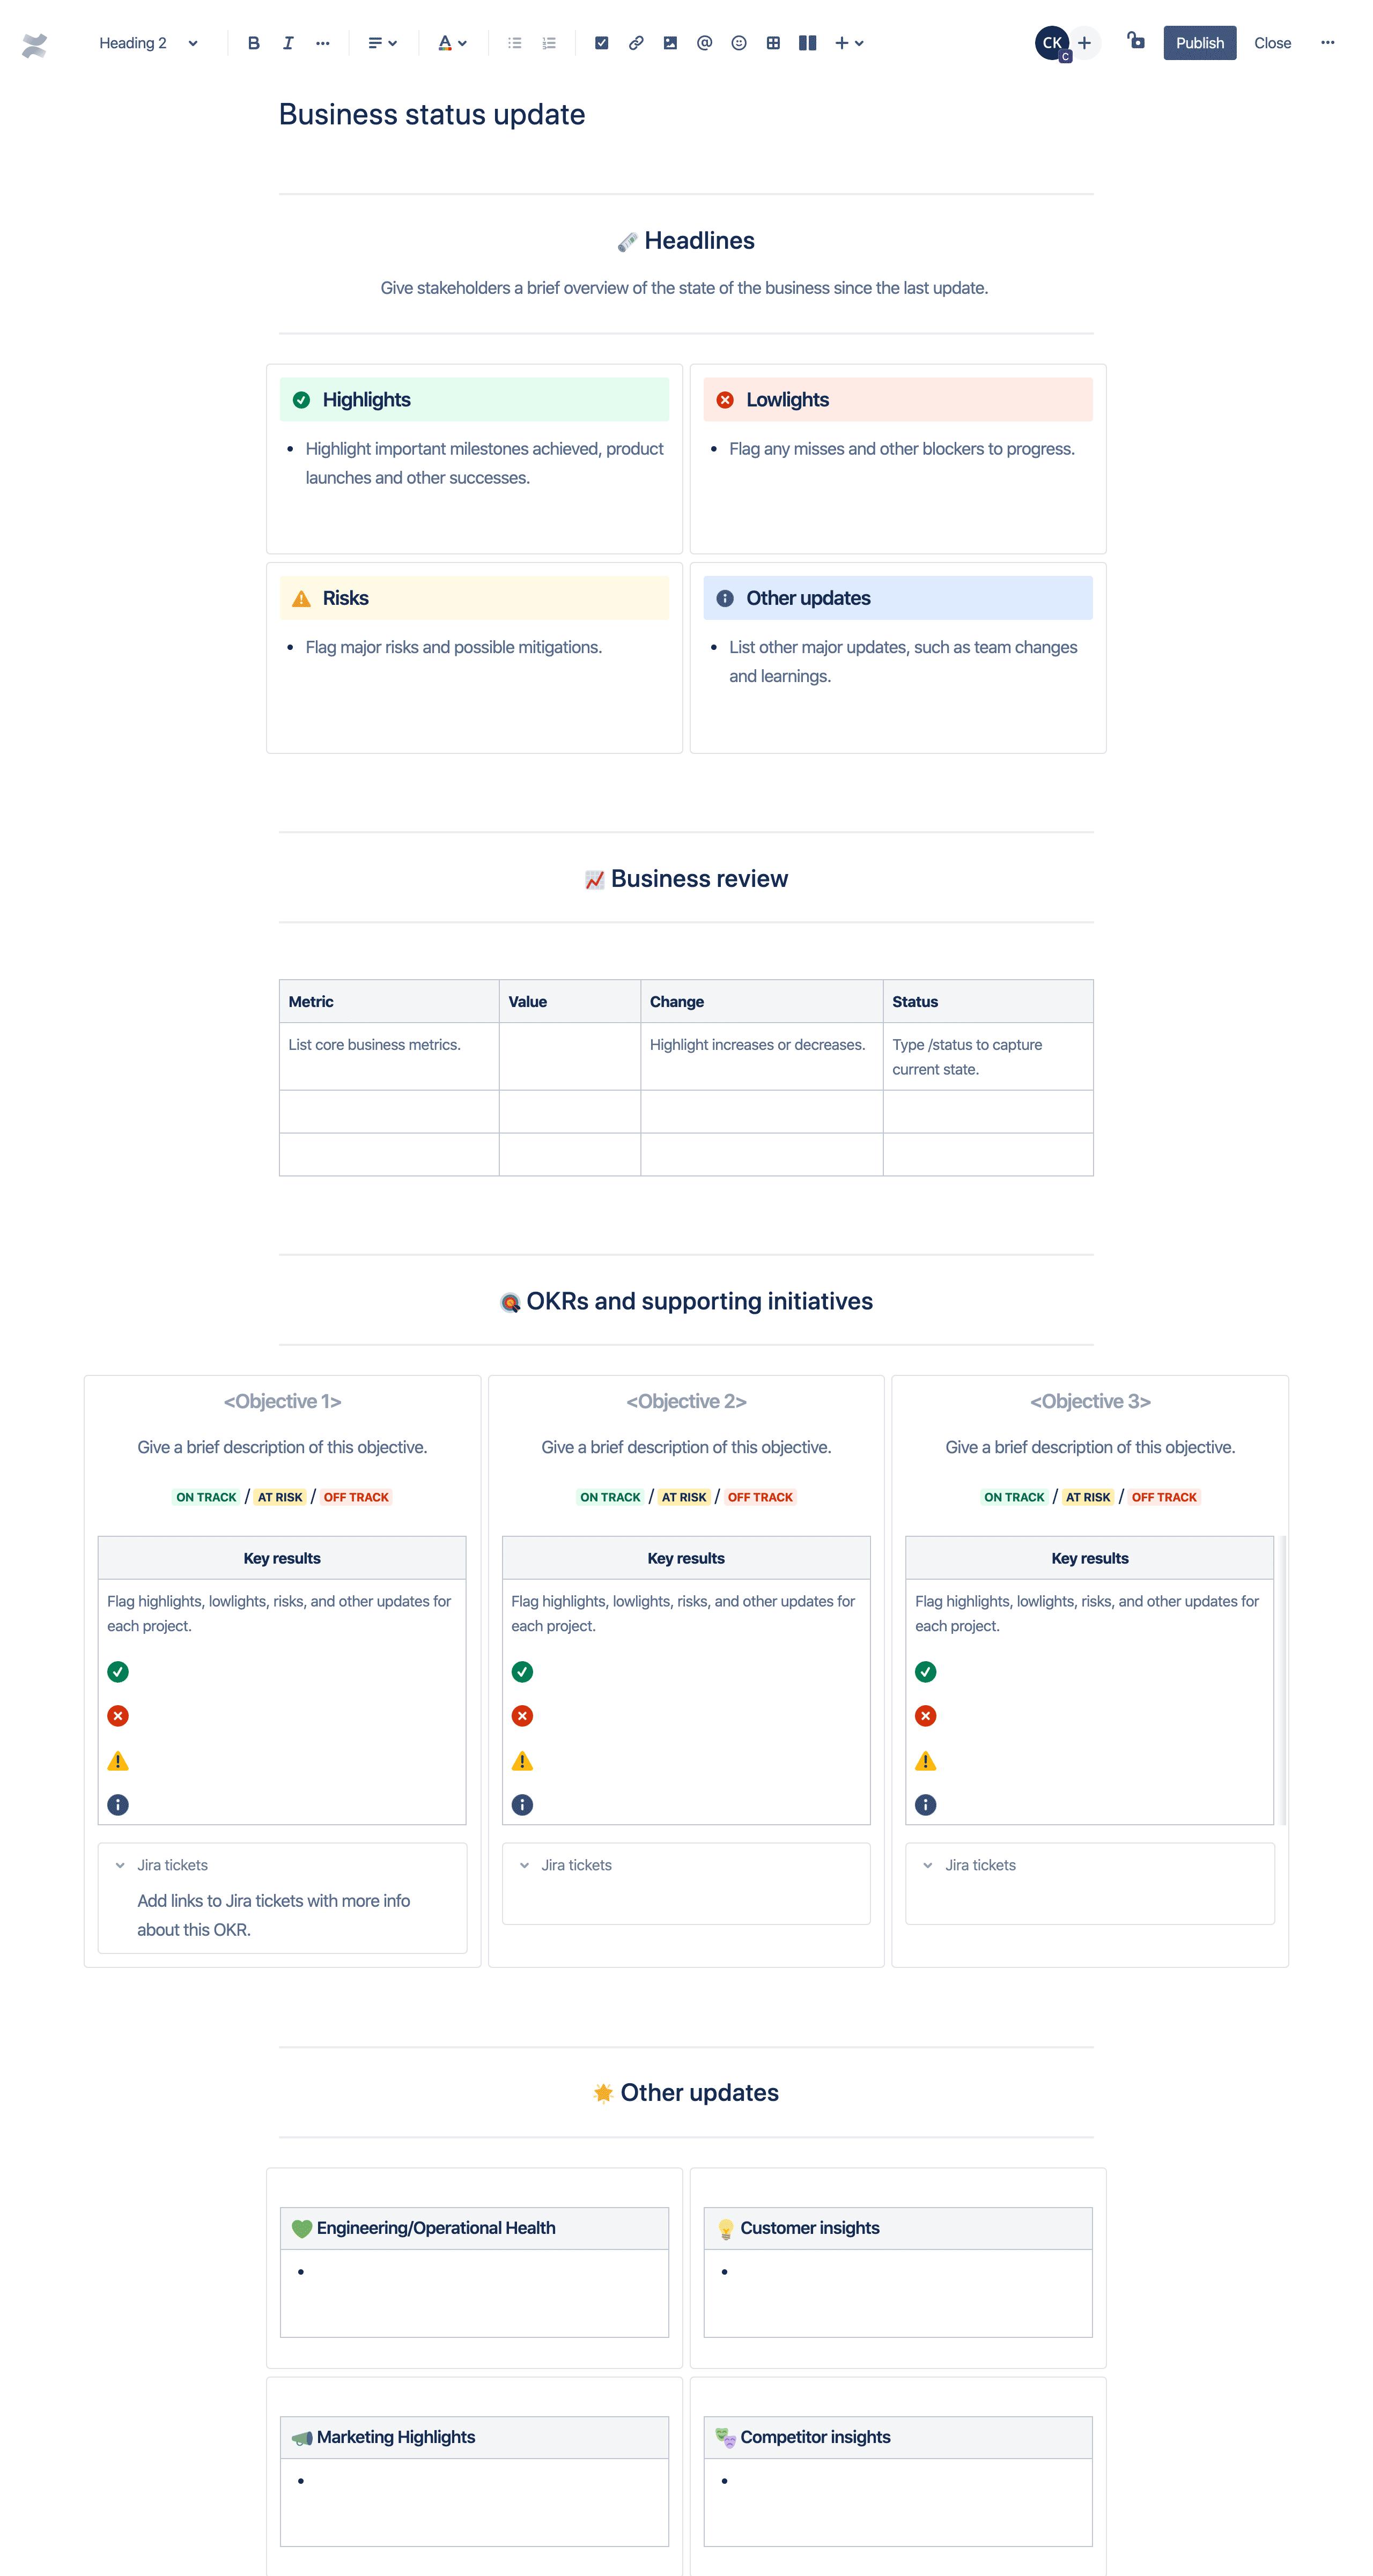 业务状态更新模板